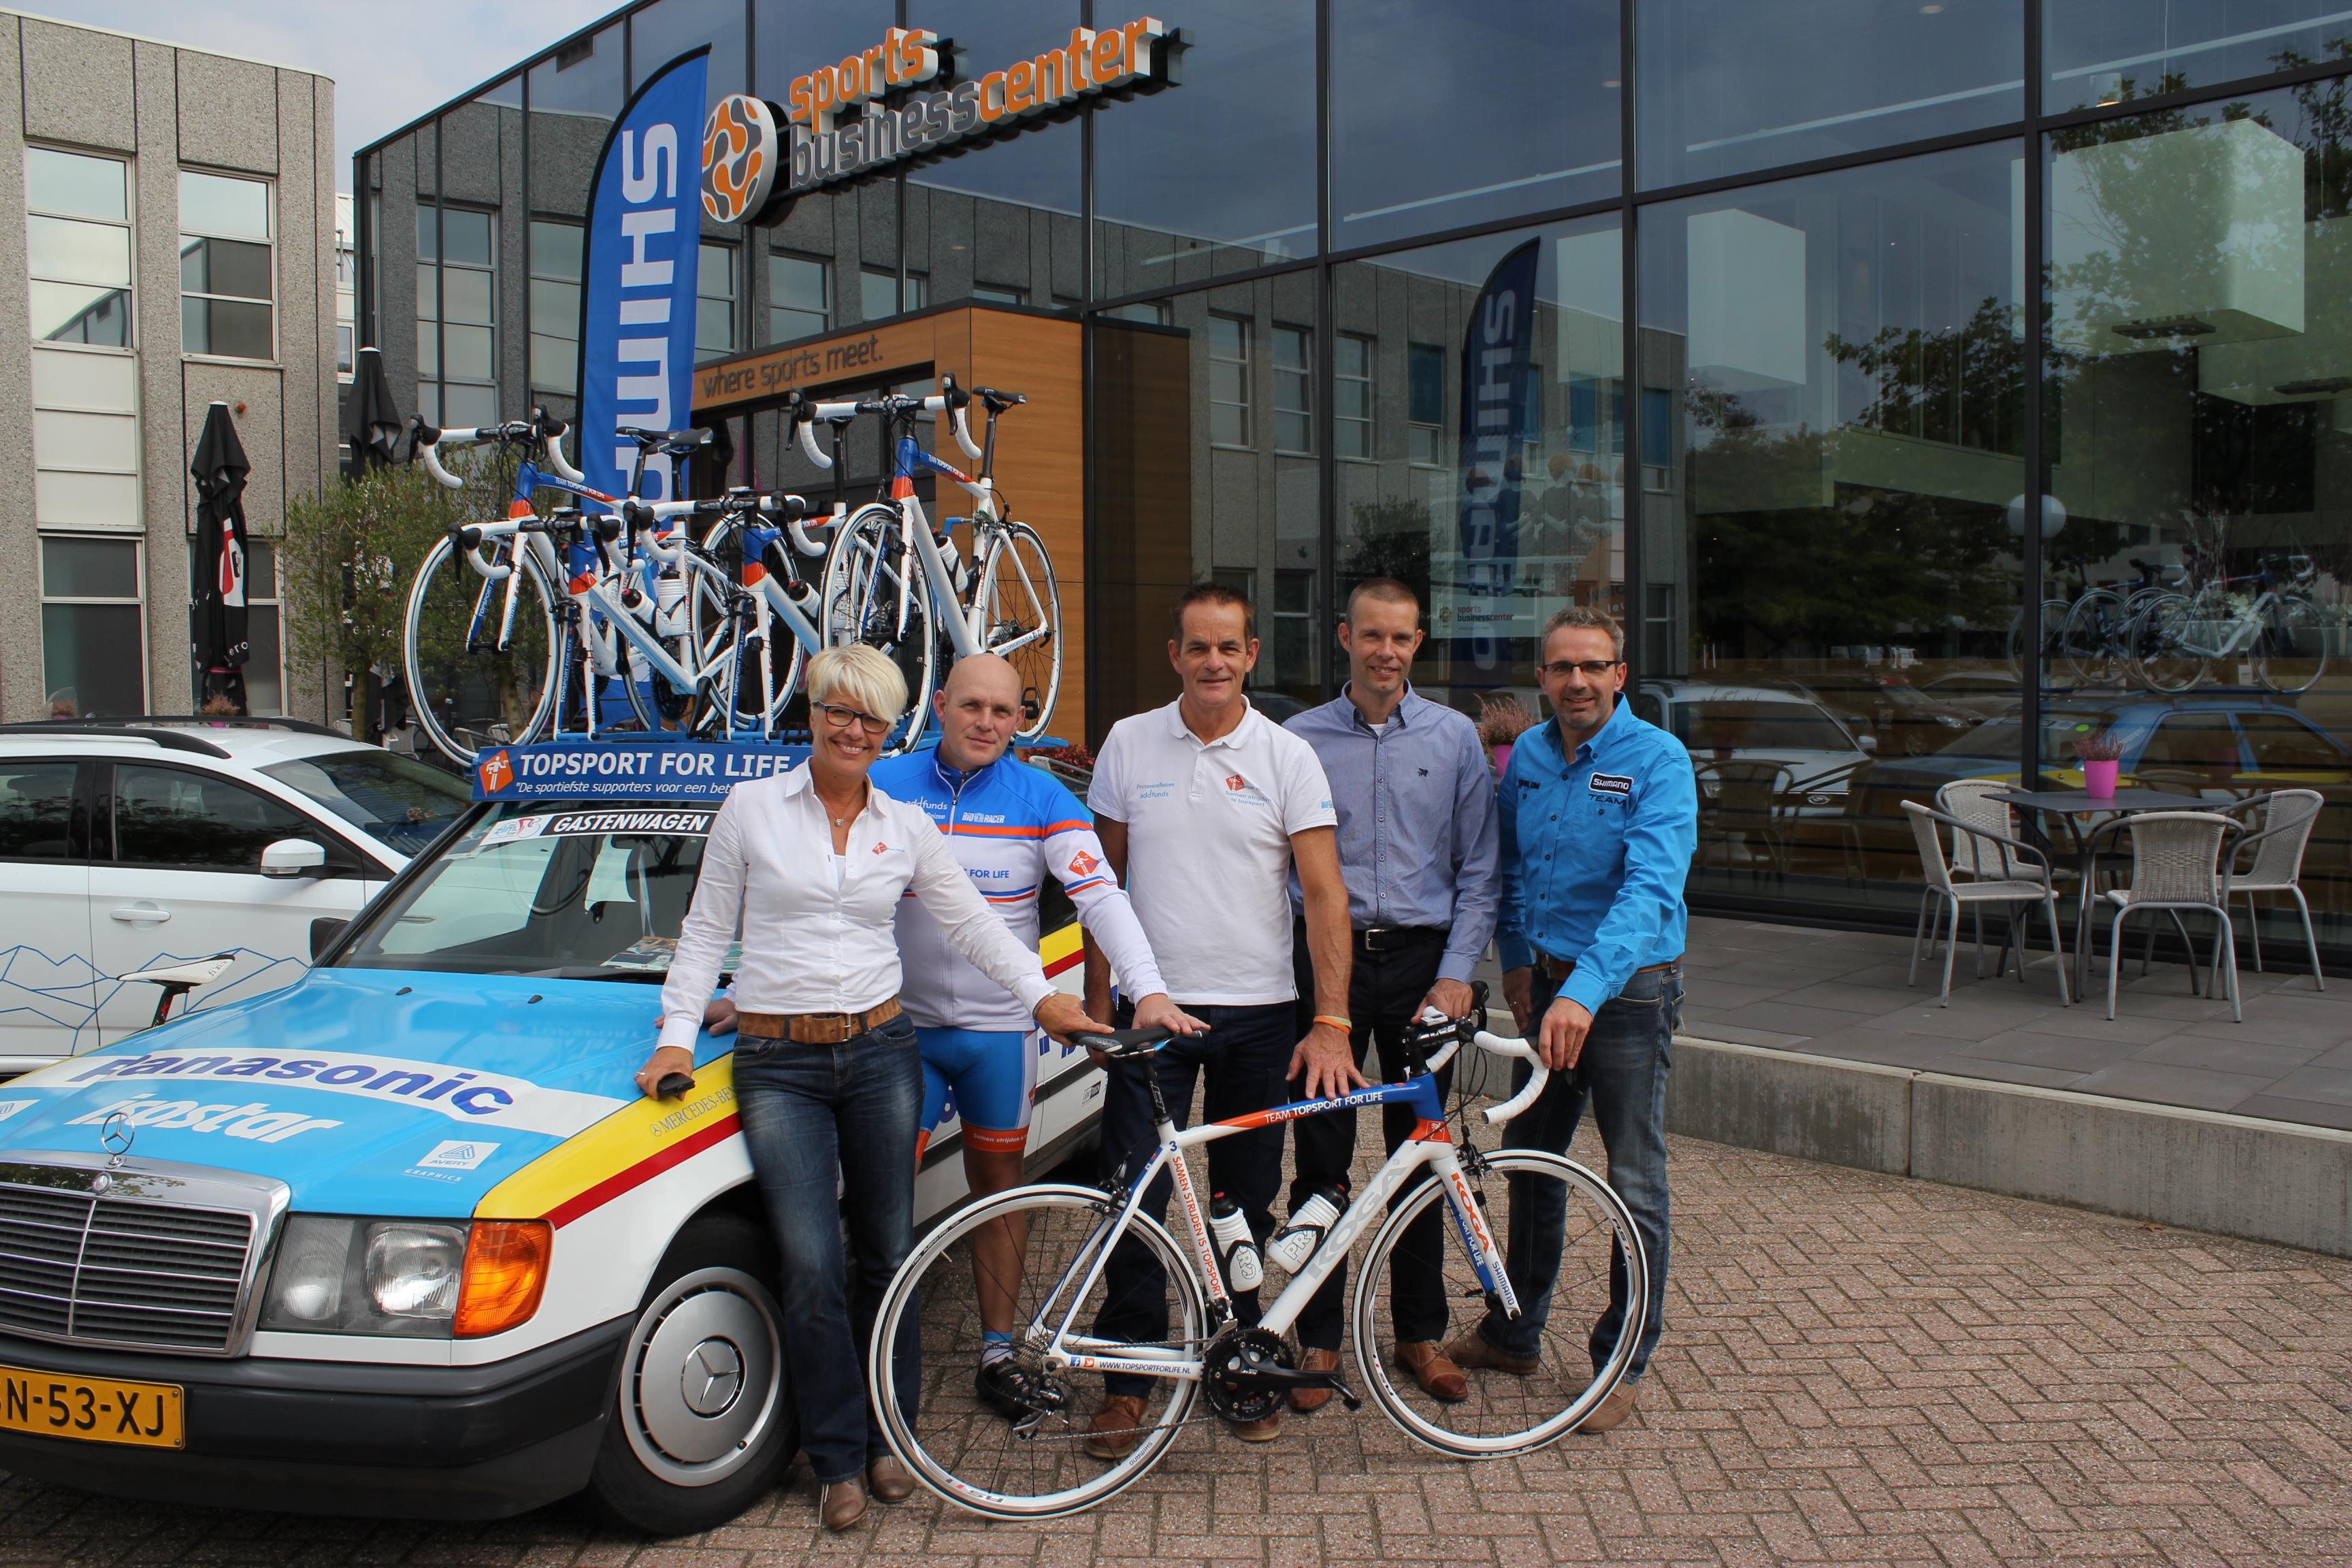 Topsport for Life - fietsenoverdracht - IMG_9394